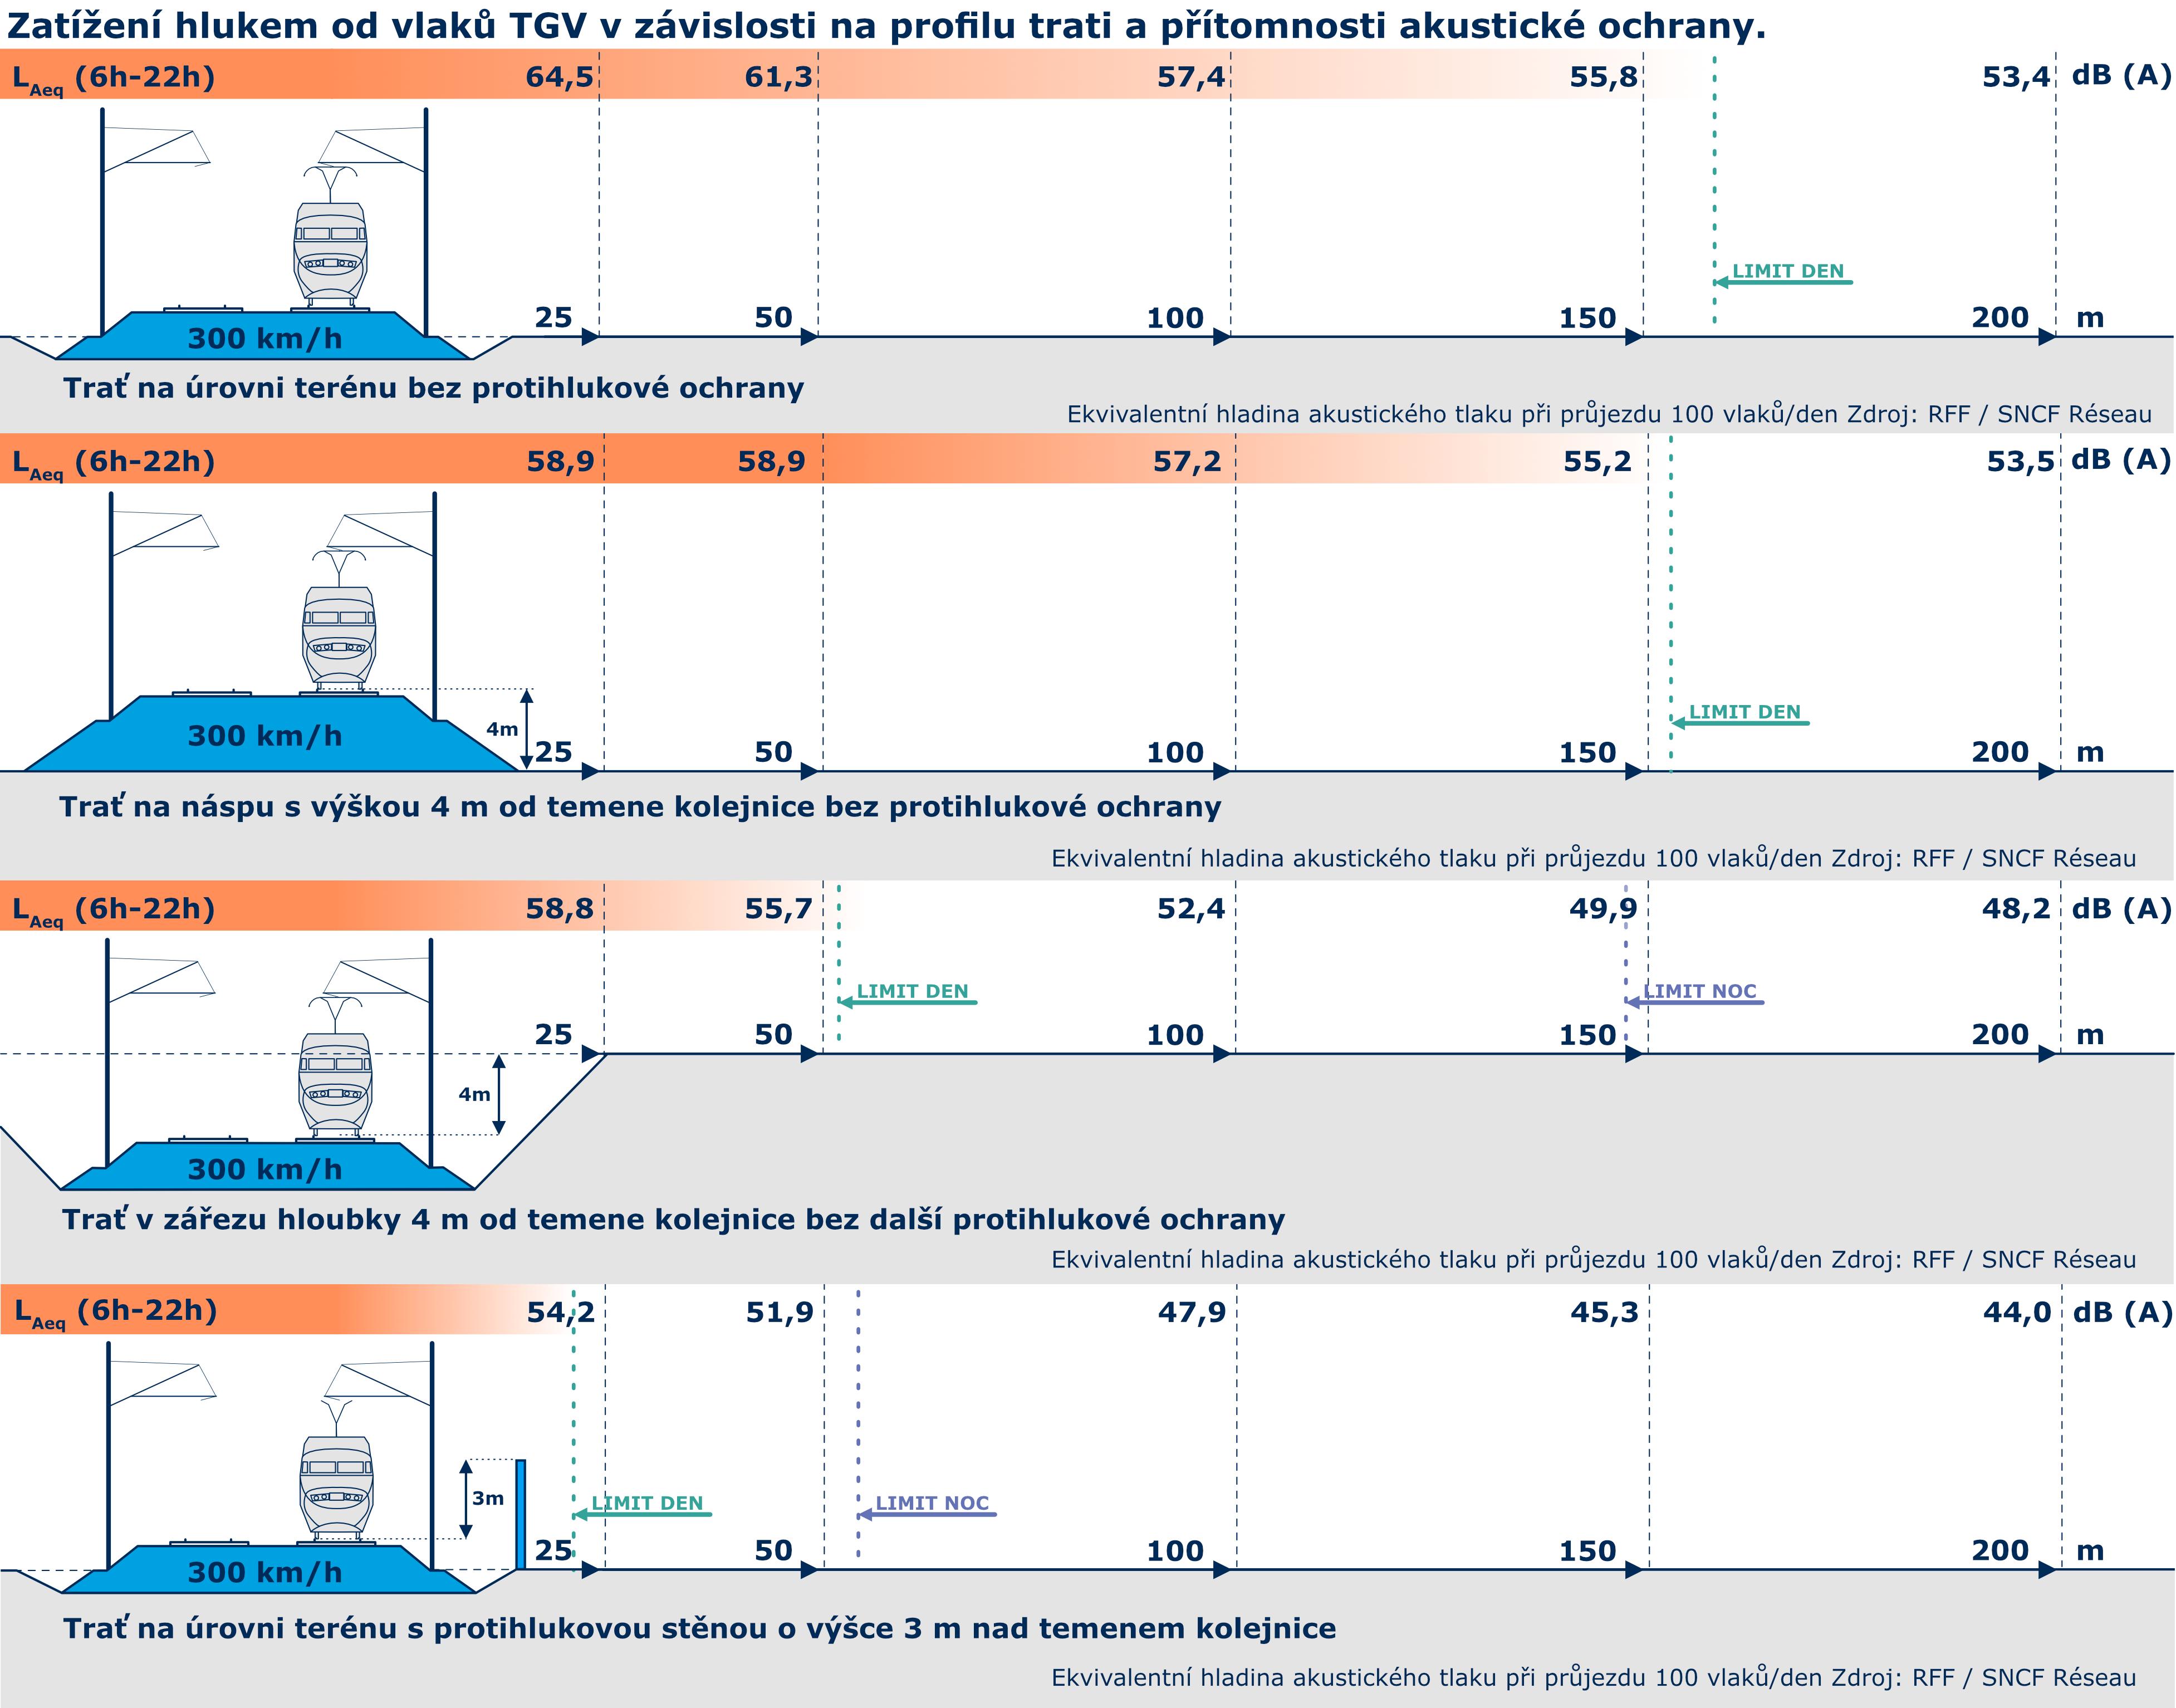 obrázek: schéma zatížení hlukem od vlaků TGV